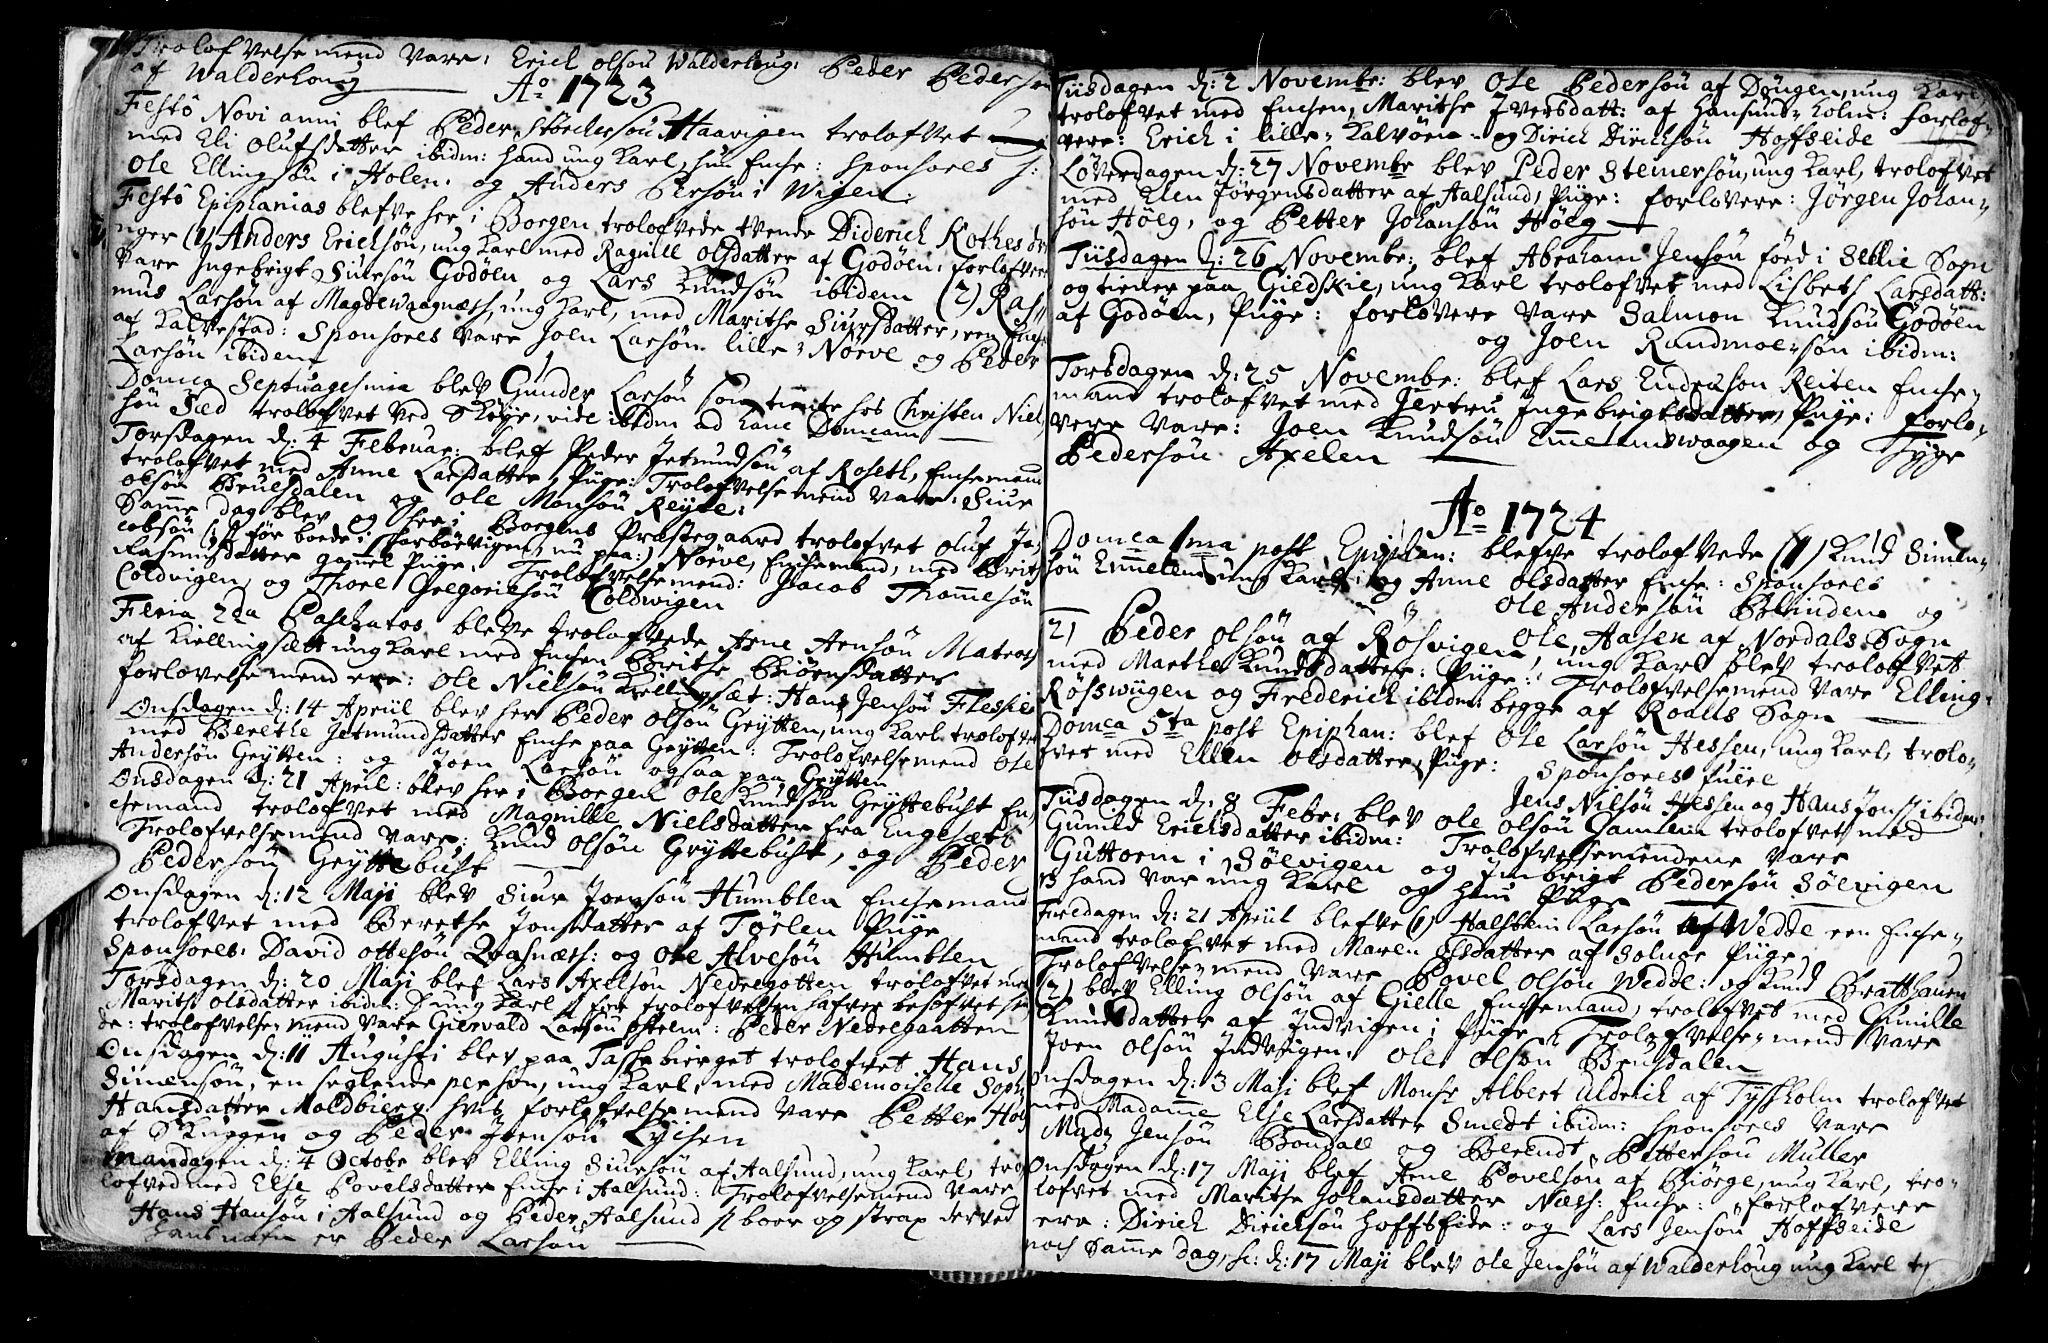 SAT, Ministerialprotokoller, klokkerbøker og fødselsregistre - Møre og Romsdal, 528/L0390: Ministerialbok nr. 528A01, 1698-1739, s. 44-45